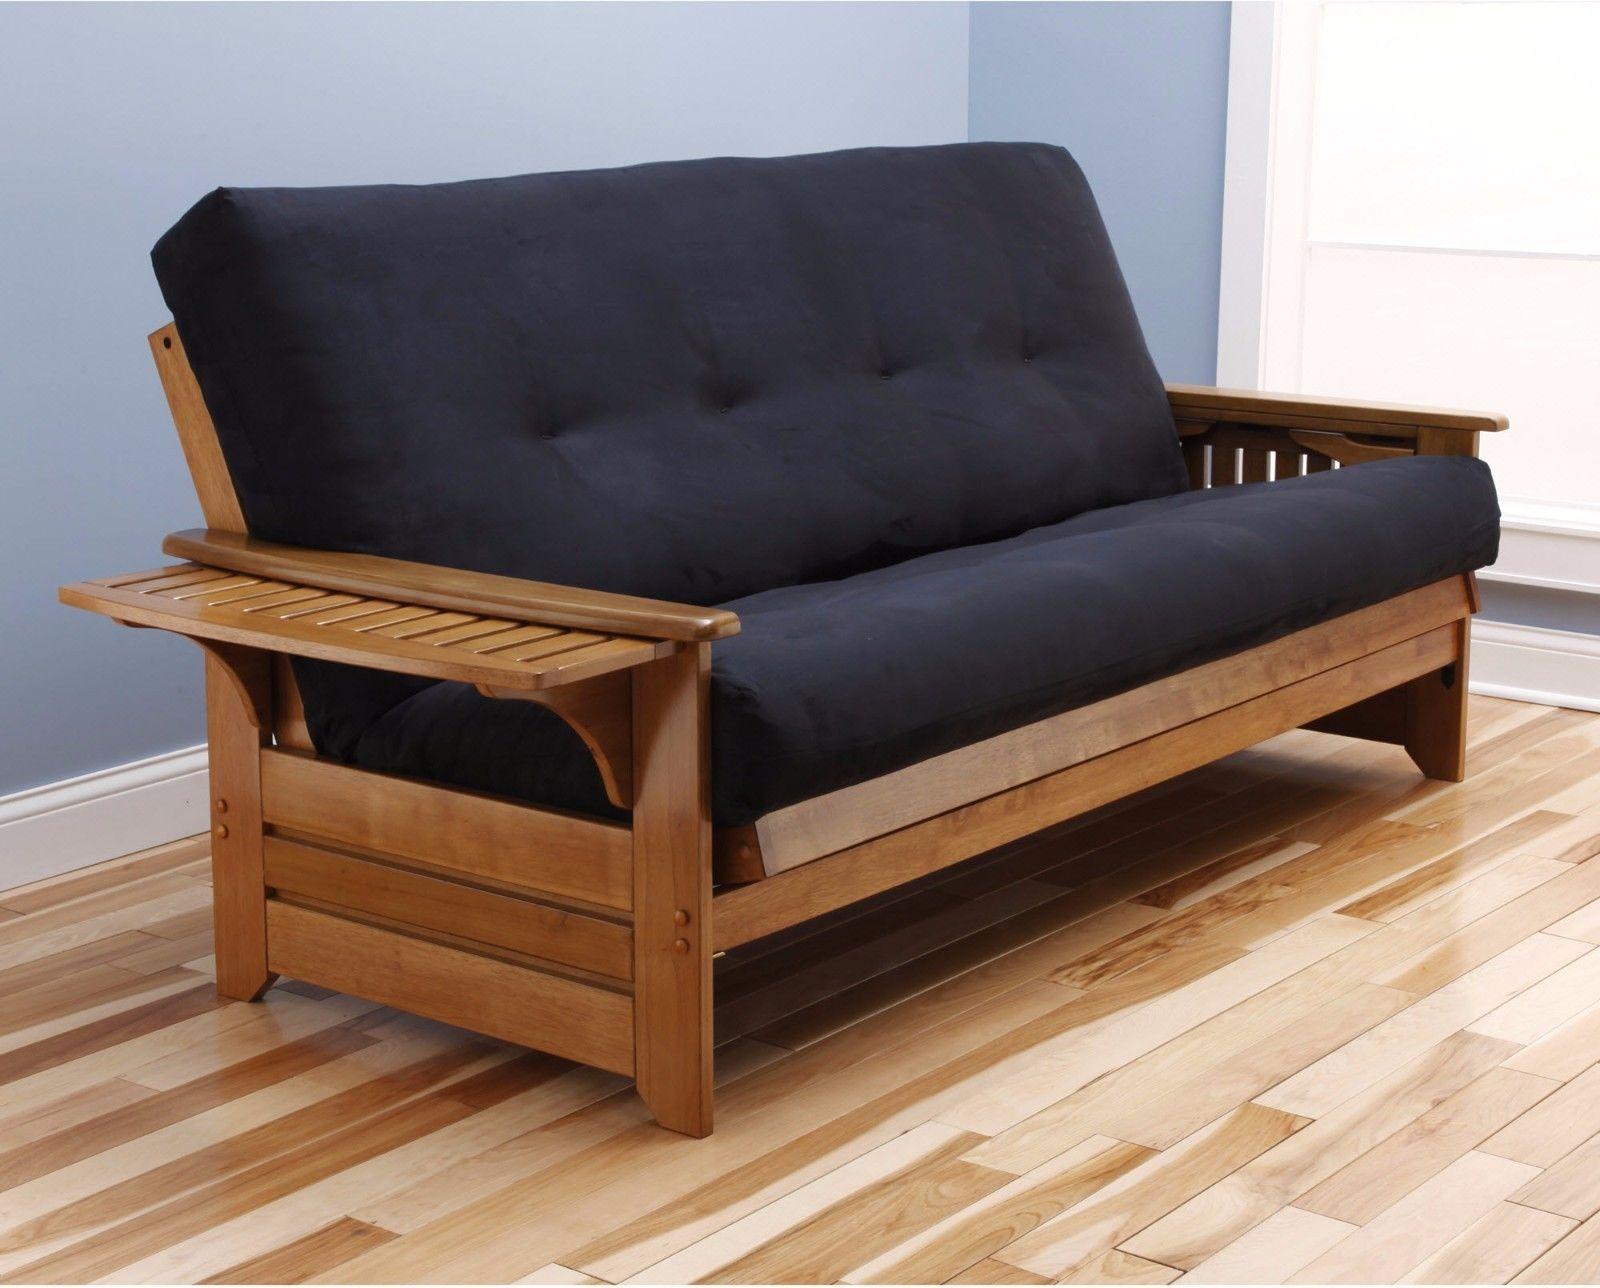 Деревянный диван тик так